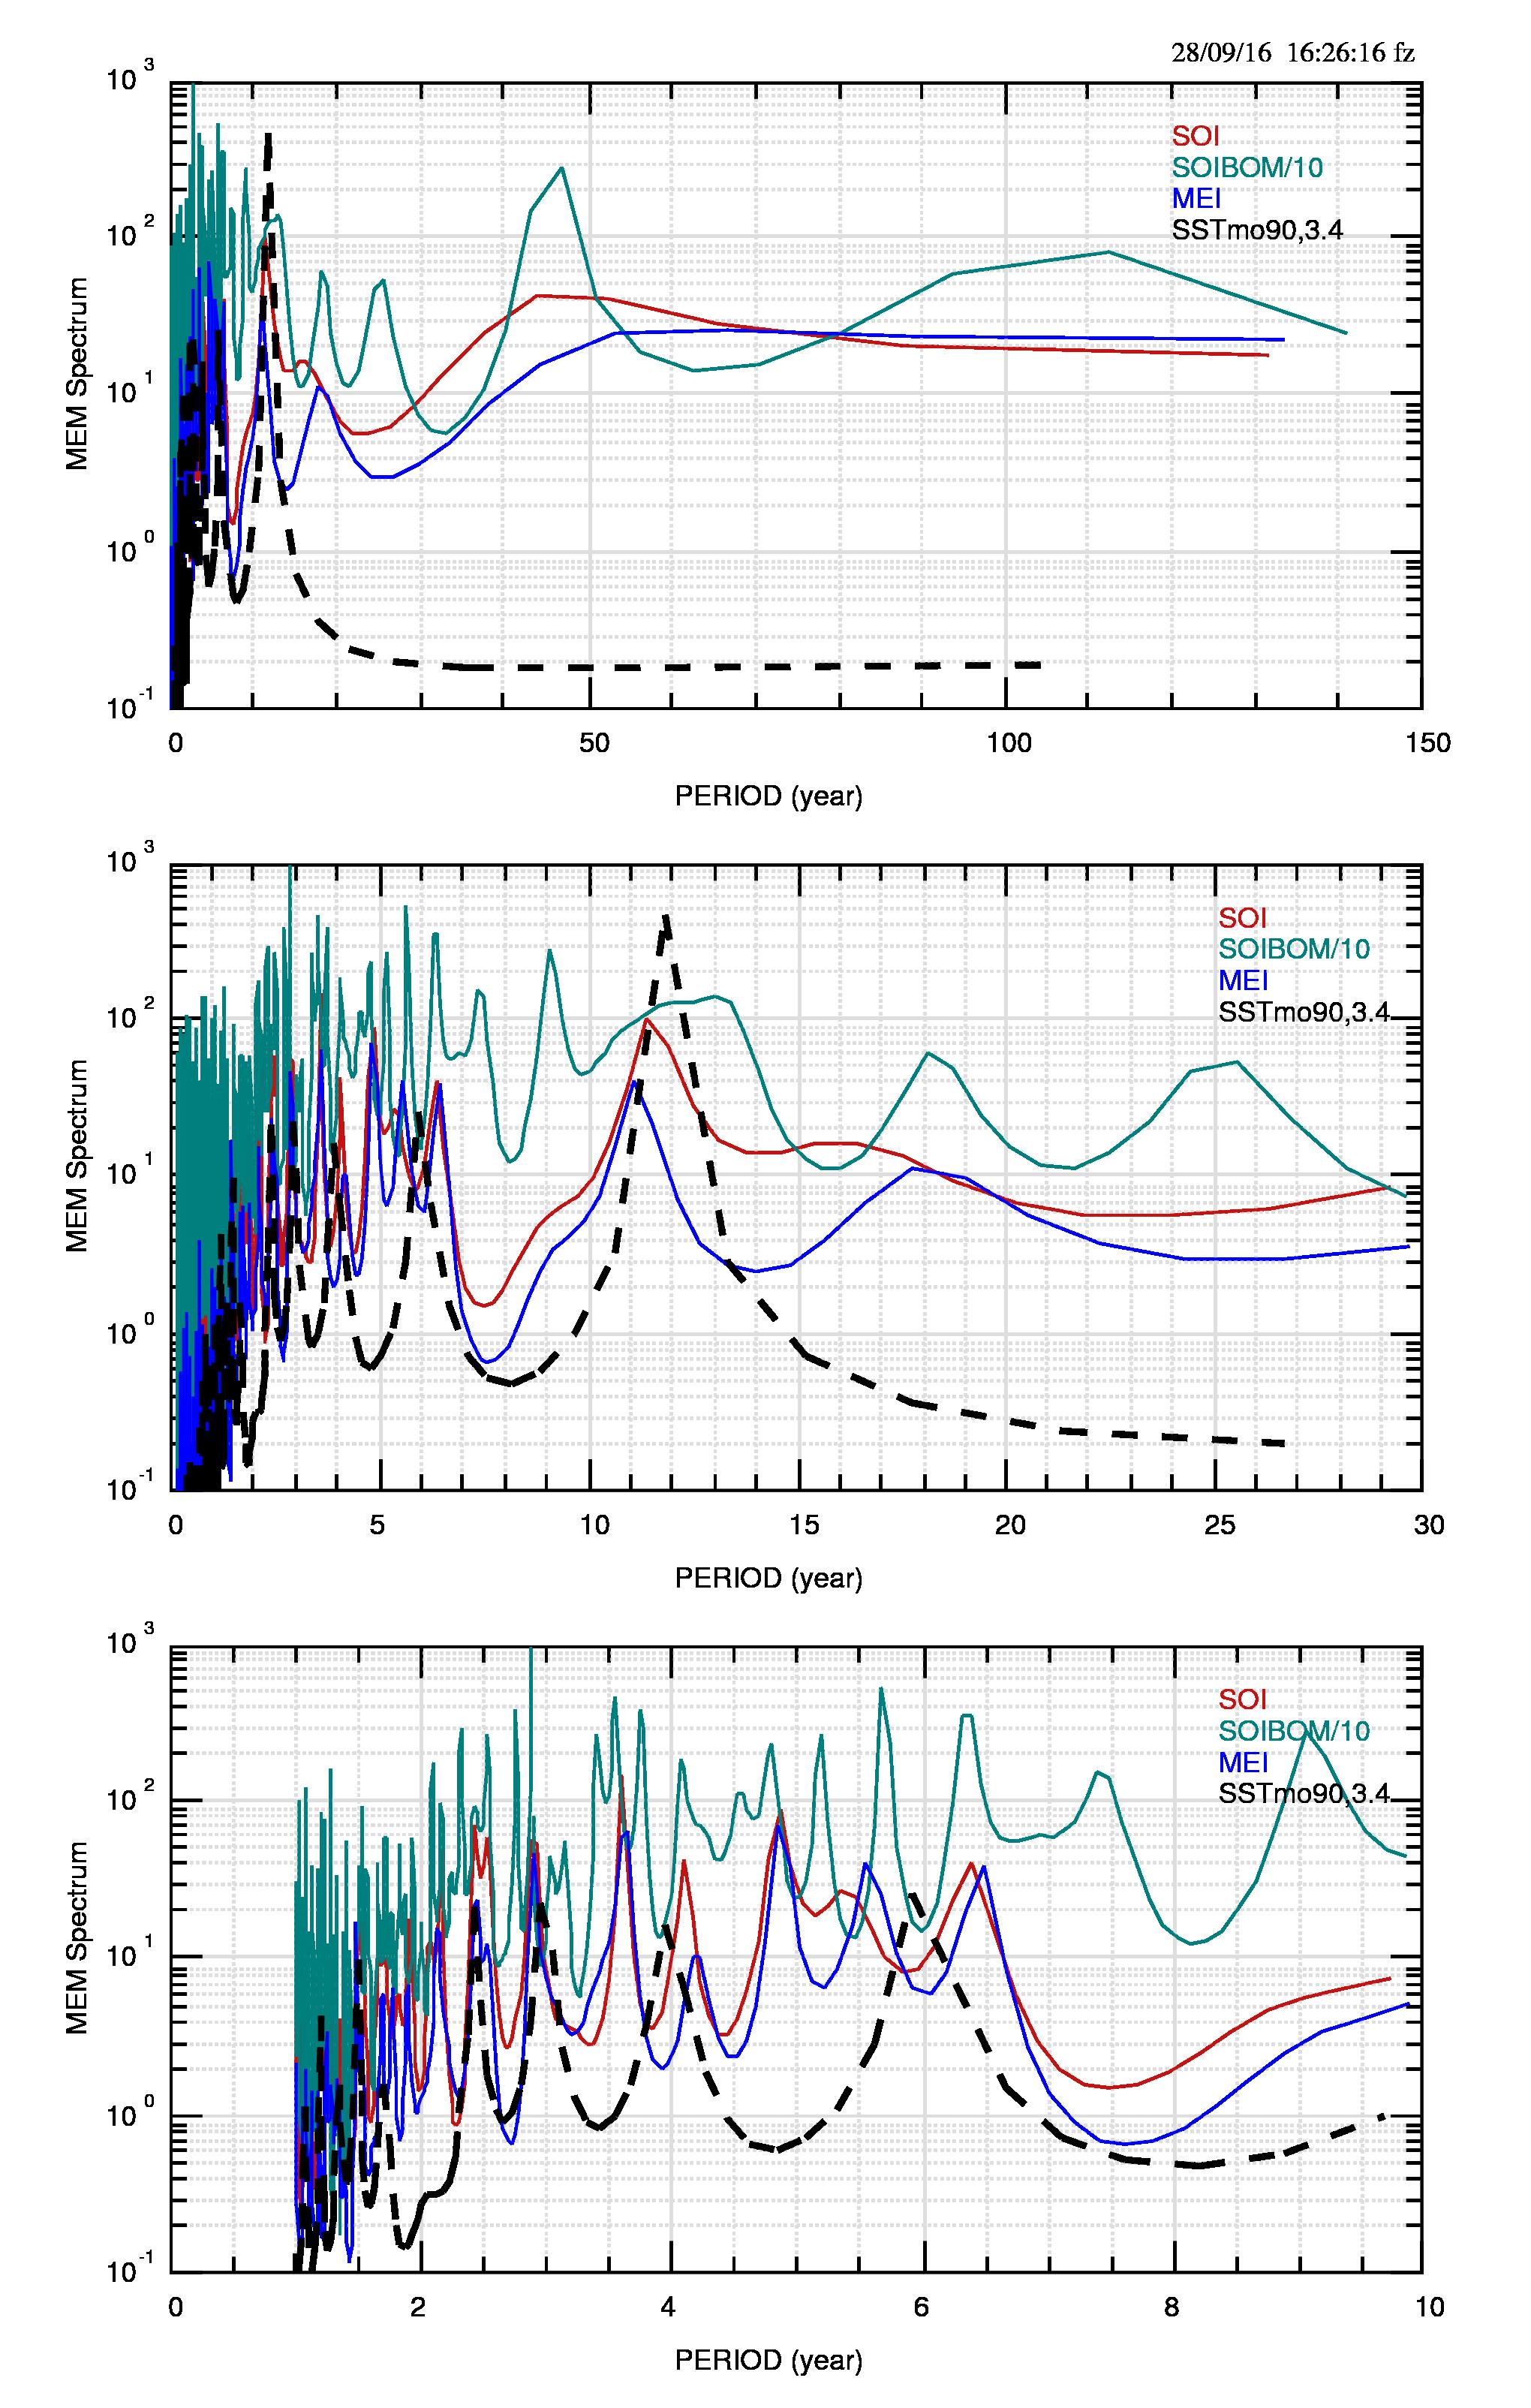 Fig.5: Confronto tra gli spettri degli indici di fig.4 e lo spettro (linea nera tratteggiata) dell'anomalia di temperatura della regione 3.4 (valori mensili)